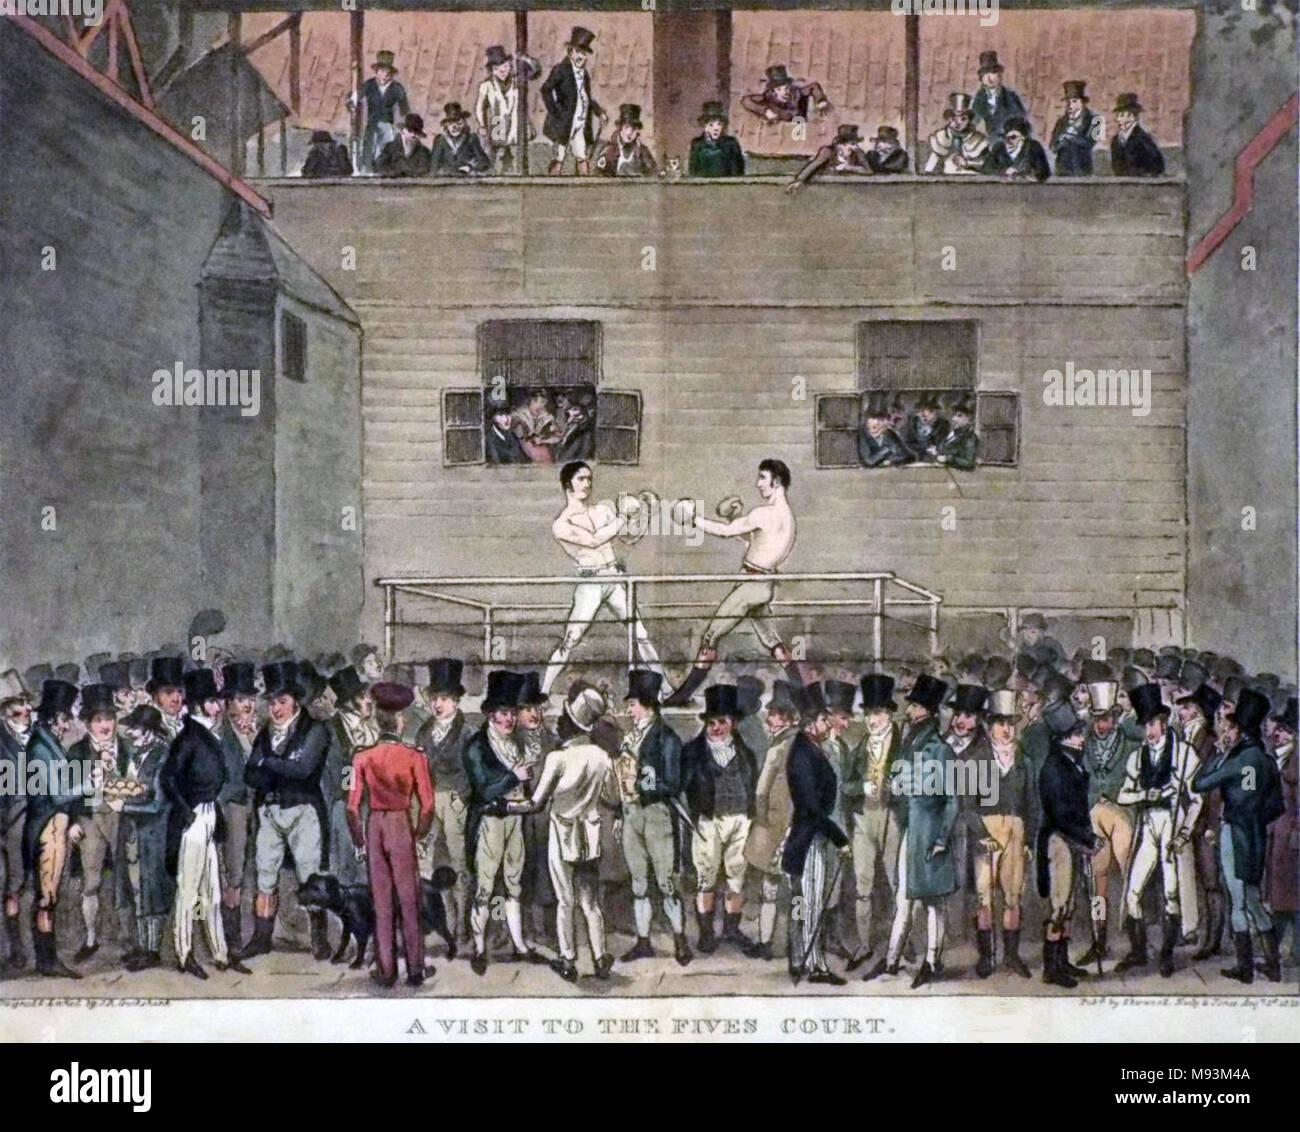 Combate de boxeo en los cinco tribunales, Londres, alrededor de 1815 Imagen De Stock